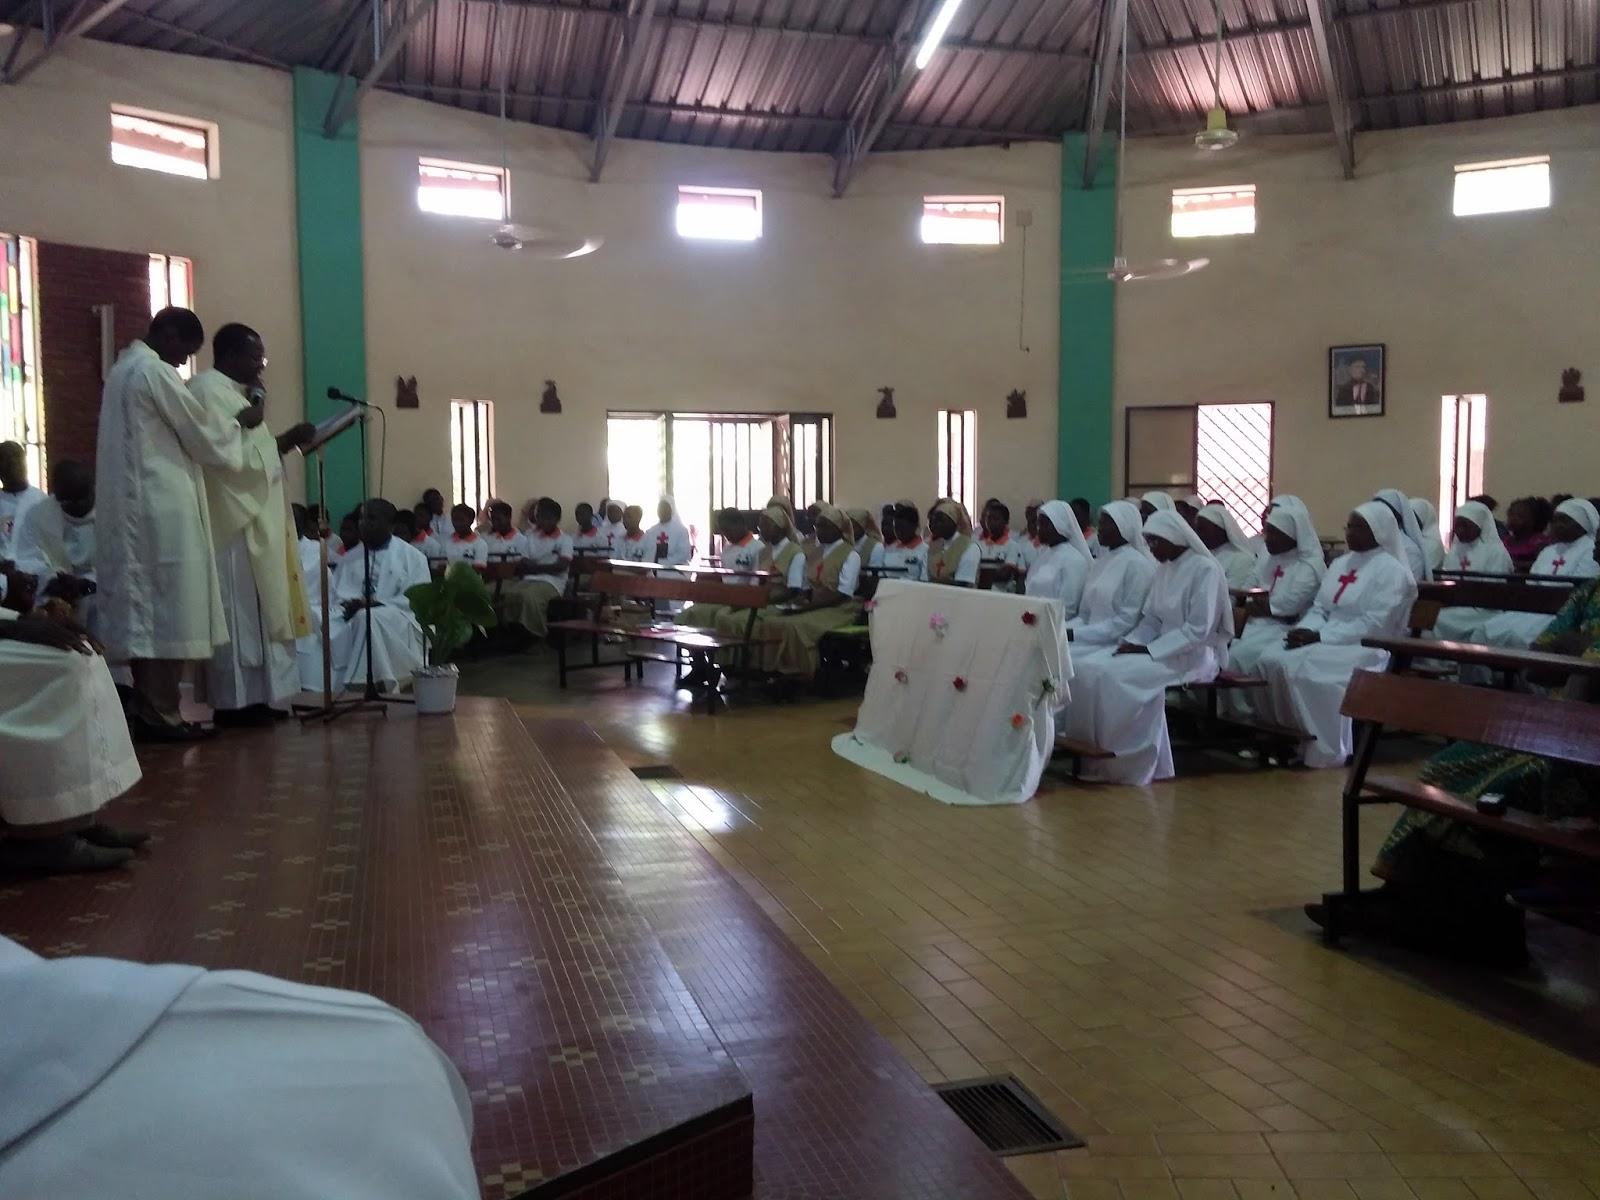 Burkina Faso: Ougadougou, più foto della Prima Professione delle nostre sorelle